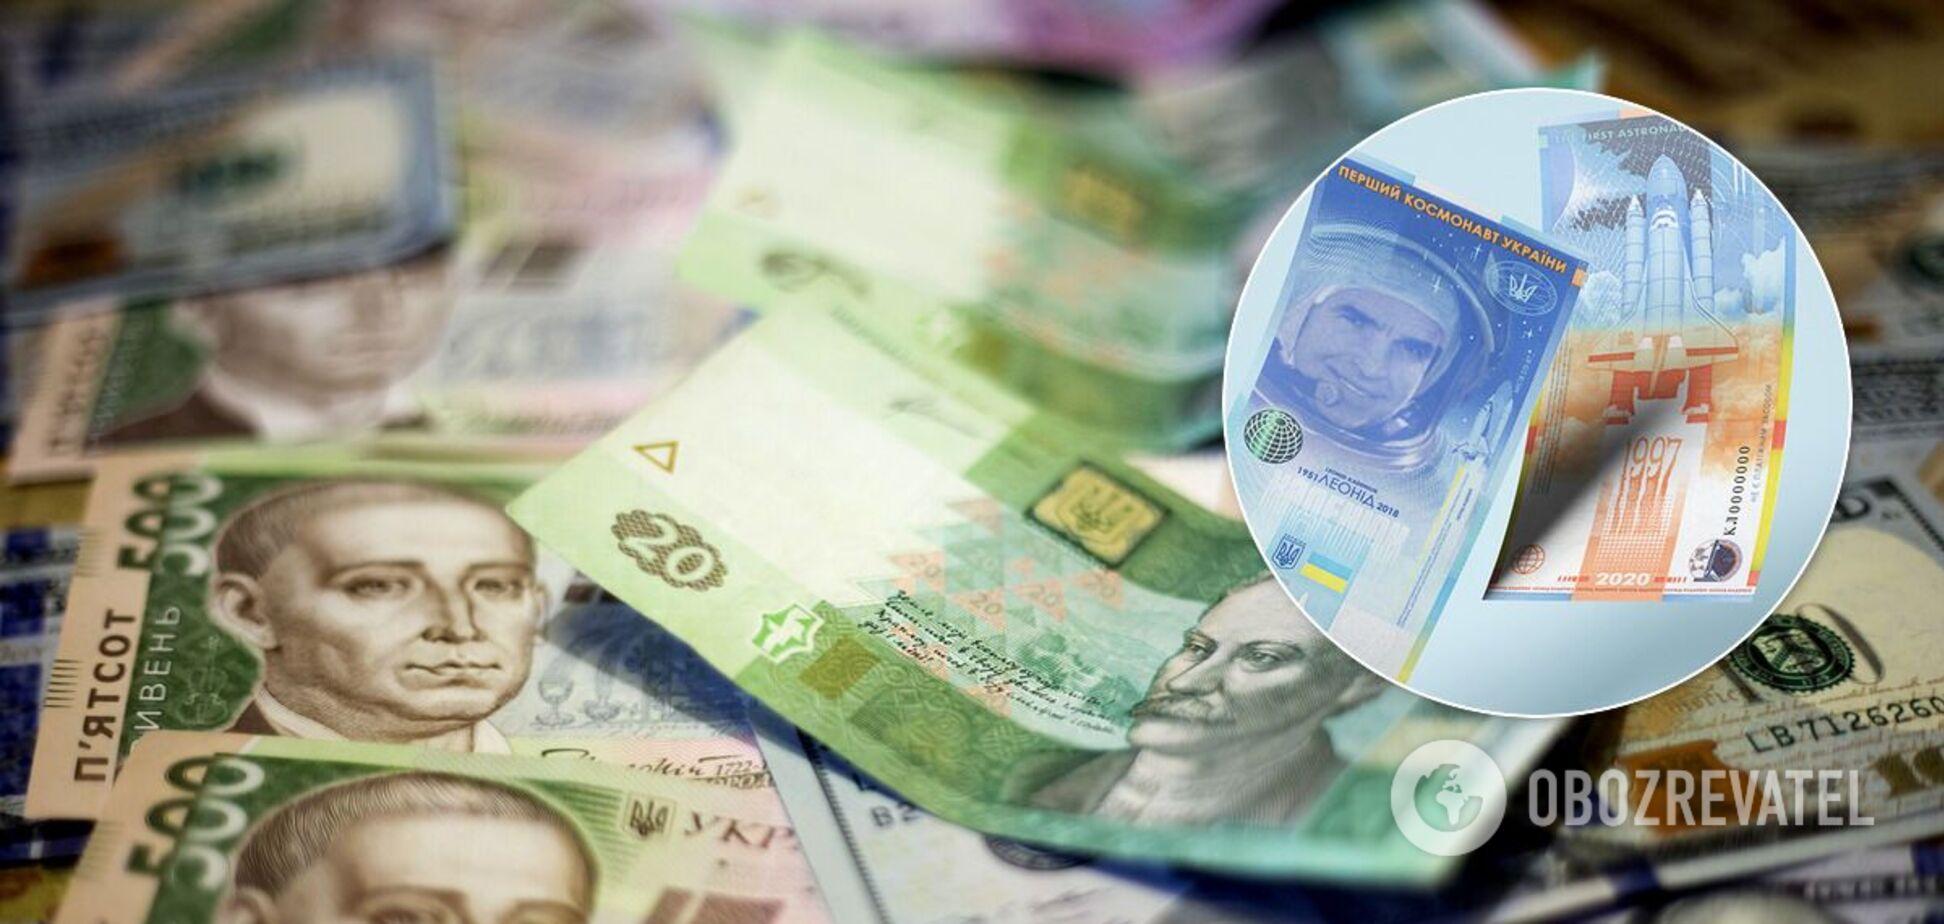 НБУ випустив першу унікальну банкноту: в чому її особливість